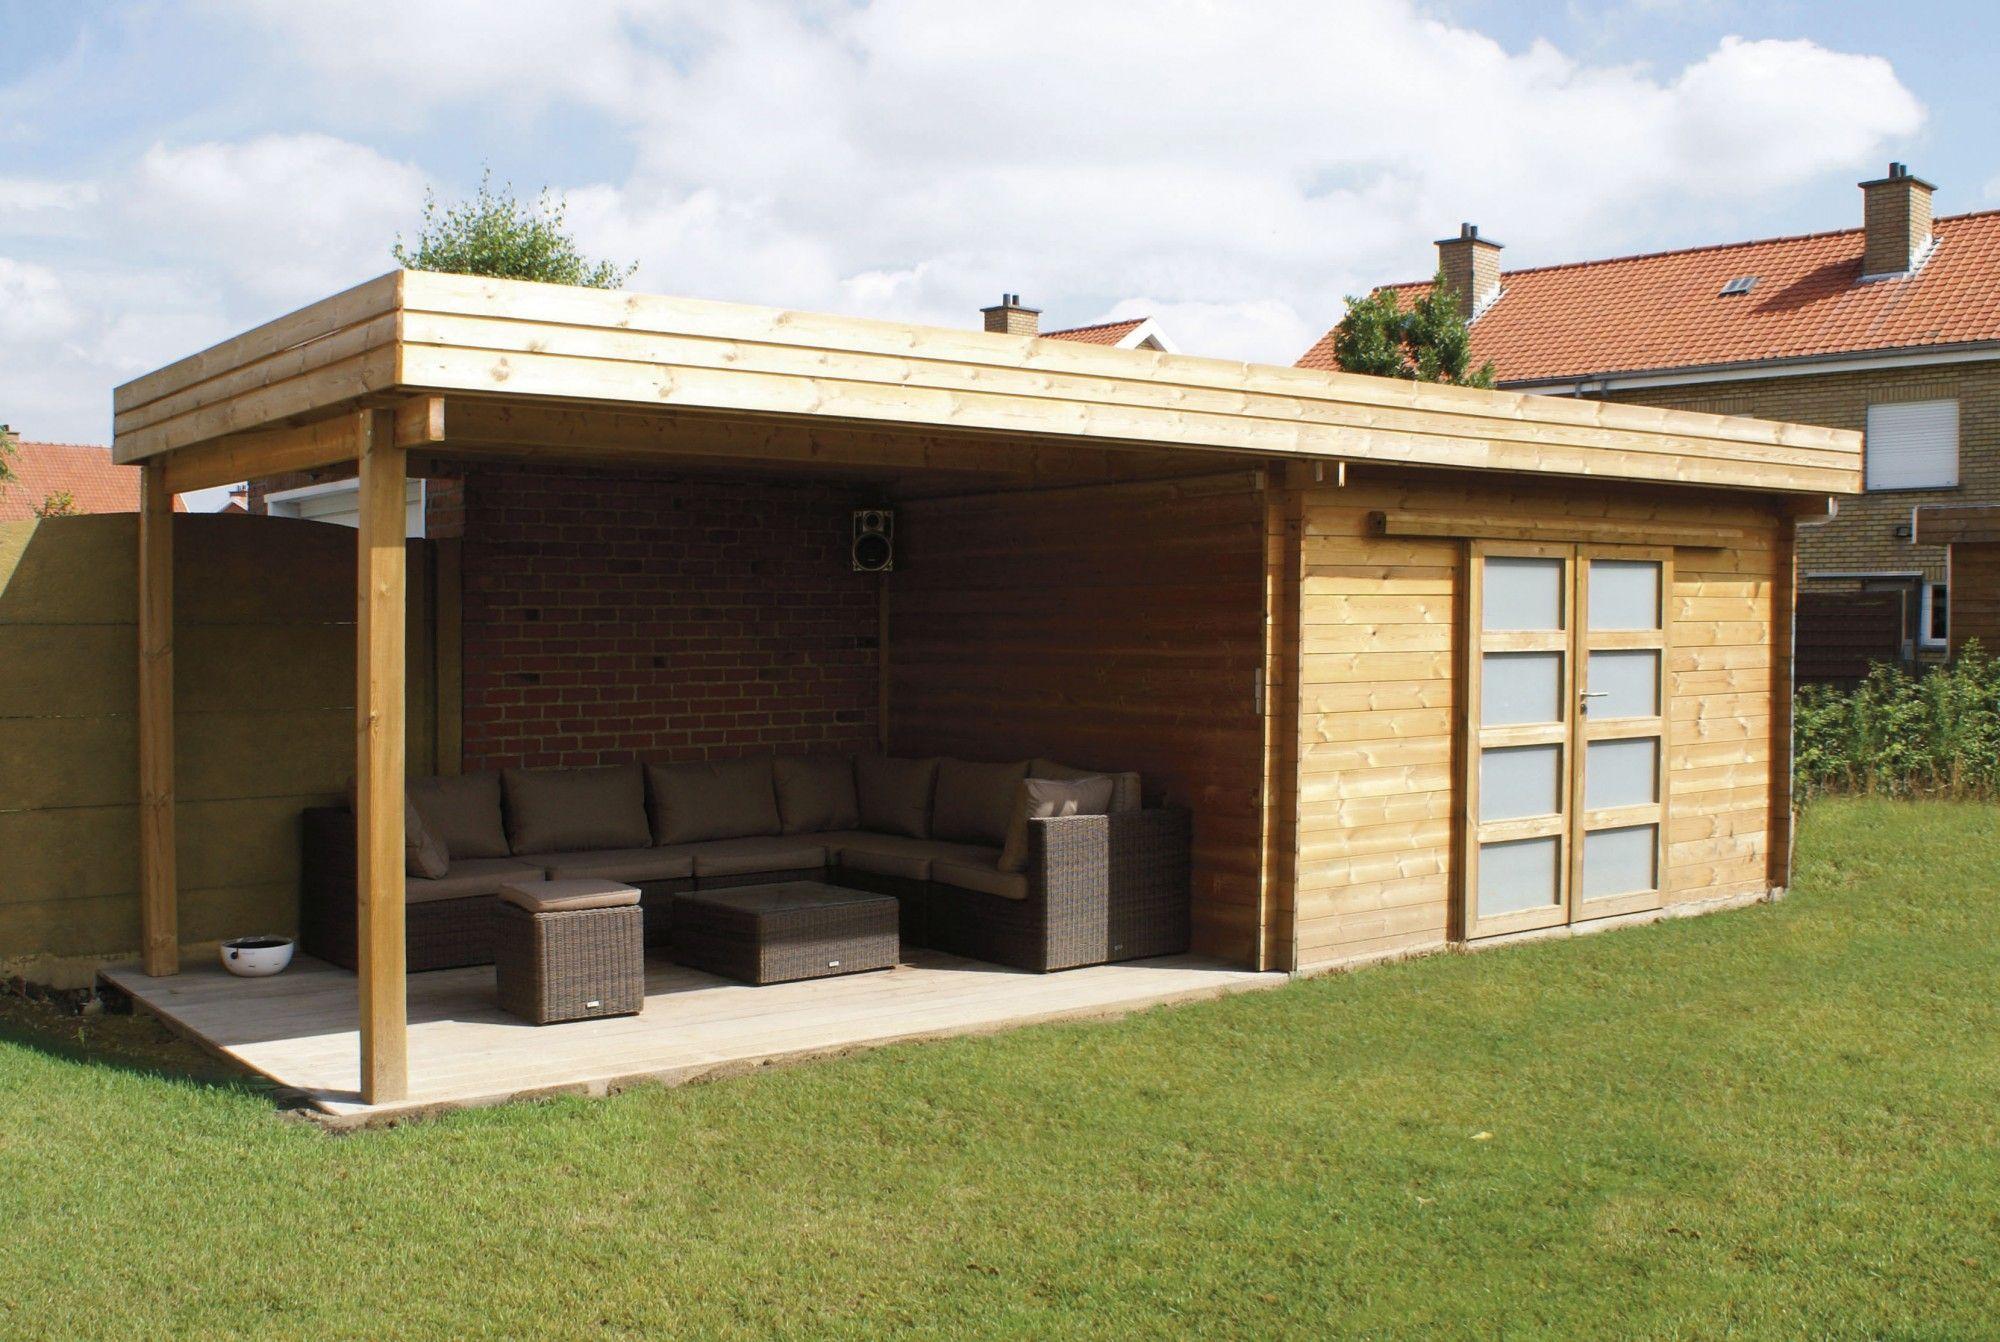 Modèle Abri De Jardin Pour Rangement Piscine 33 | Abri De ... concernant Abri De Jardin Moderne